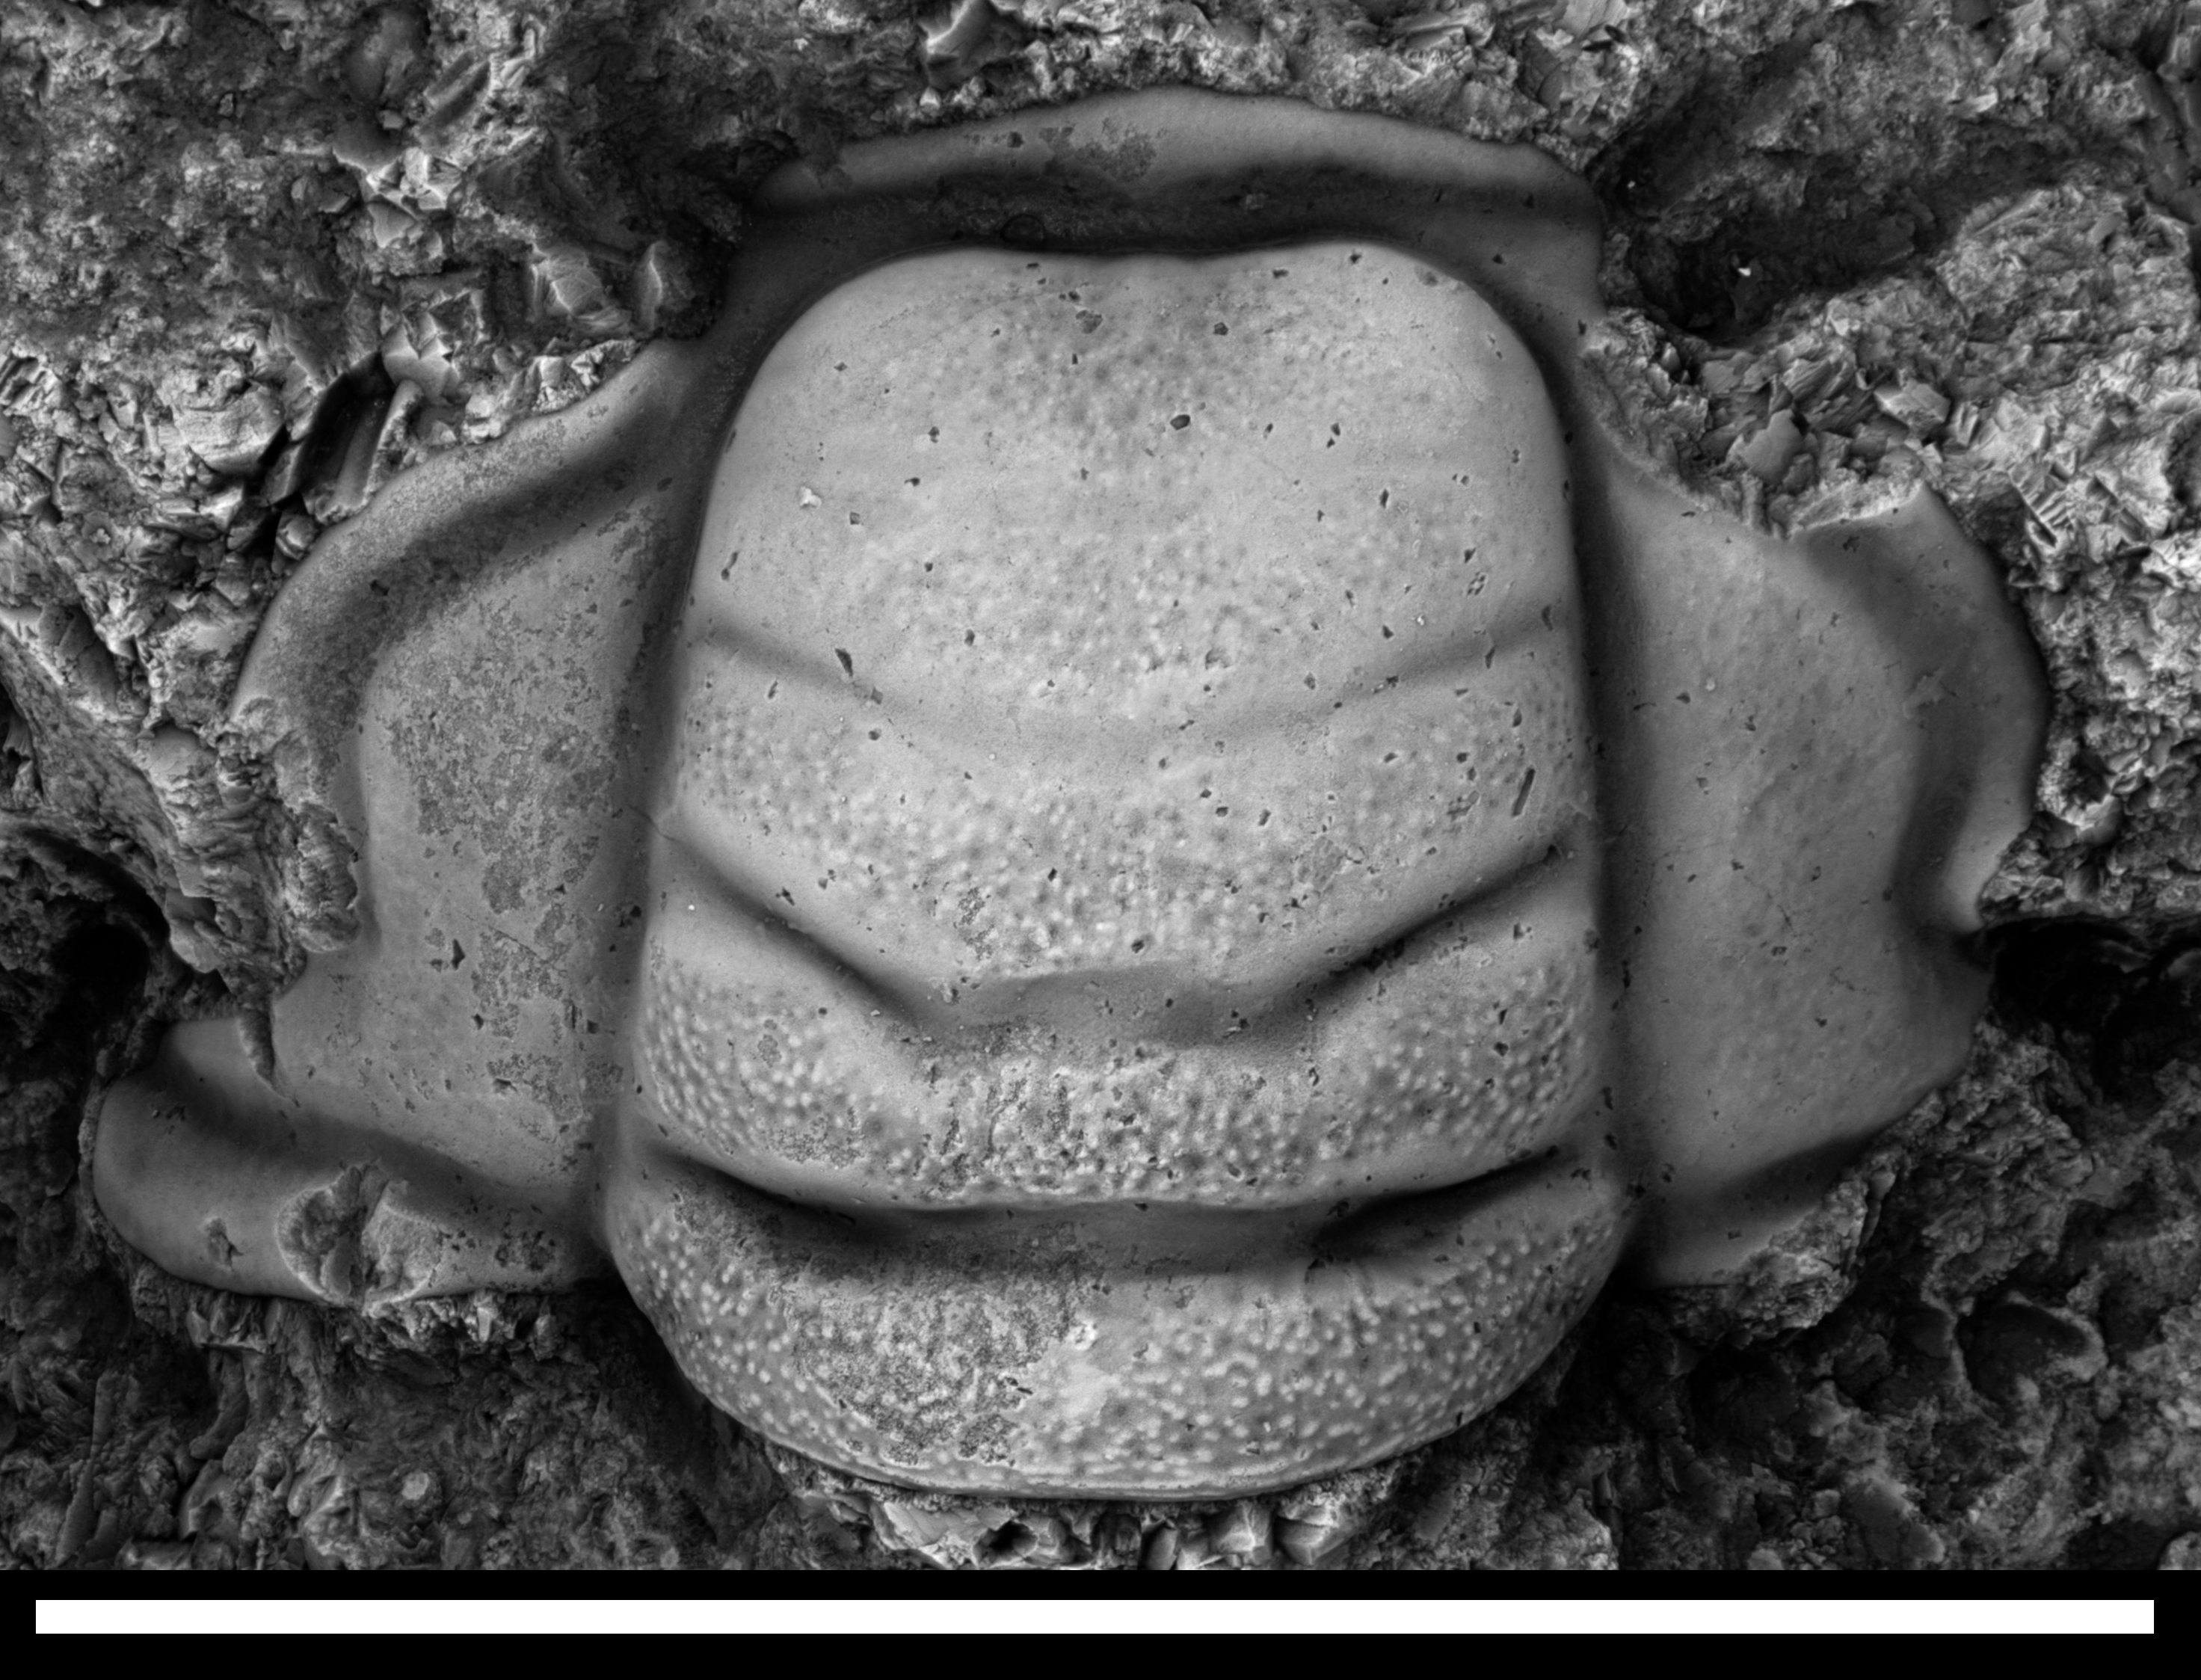 Trilobite cranidium